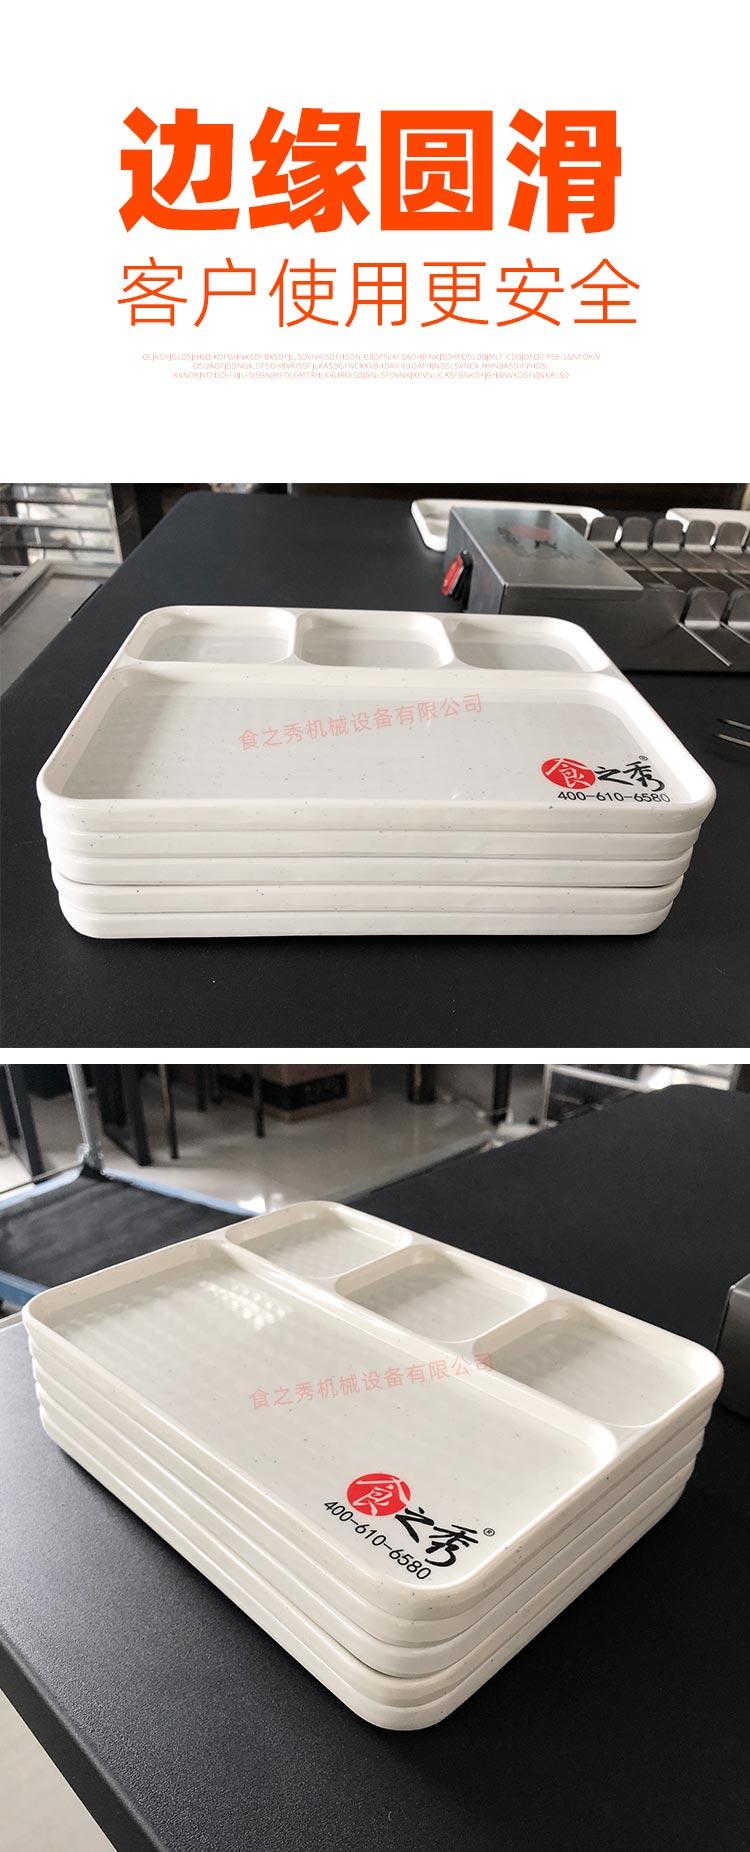 食之秀干辣酱分离式蘸料碟 调料碟 调味碟 味料碟盘 蘸料碟